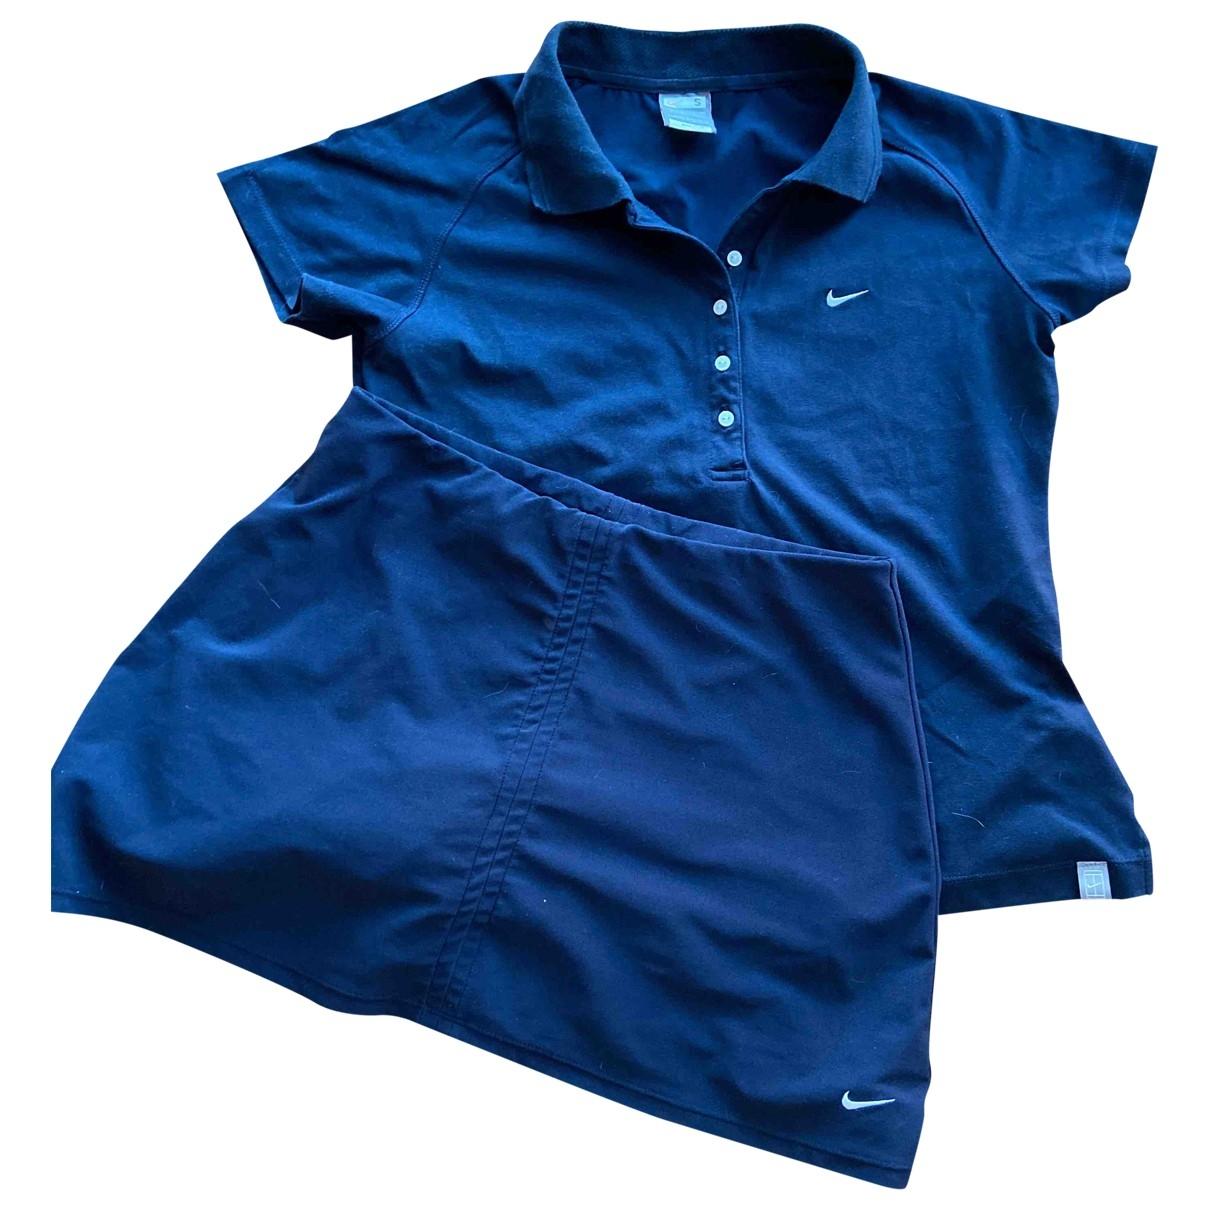 Nike \N Kleid in  Blau Polyester